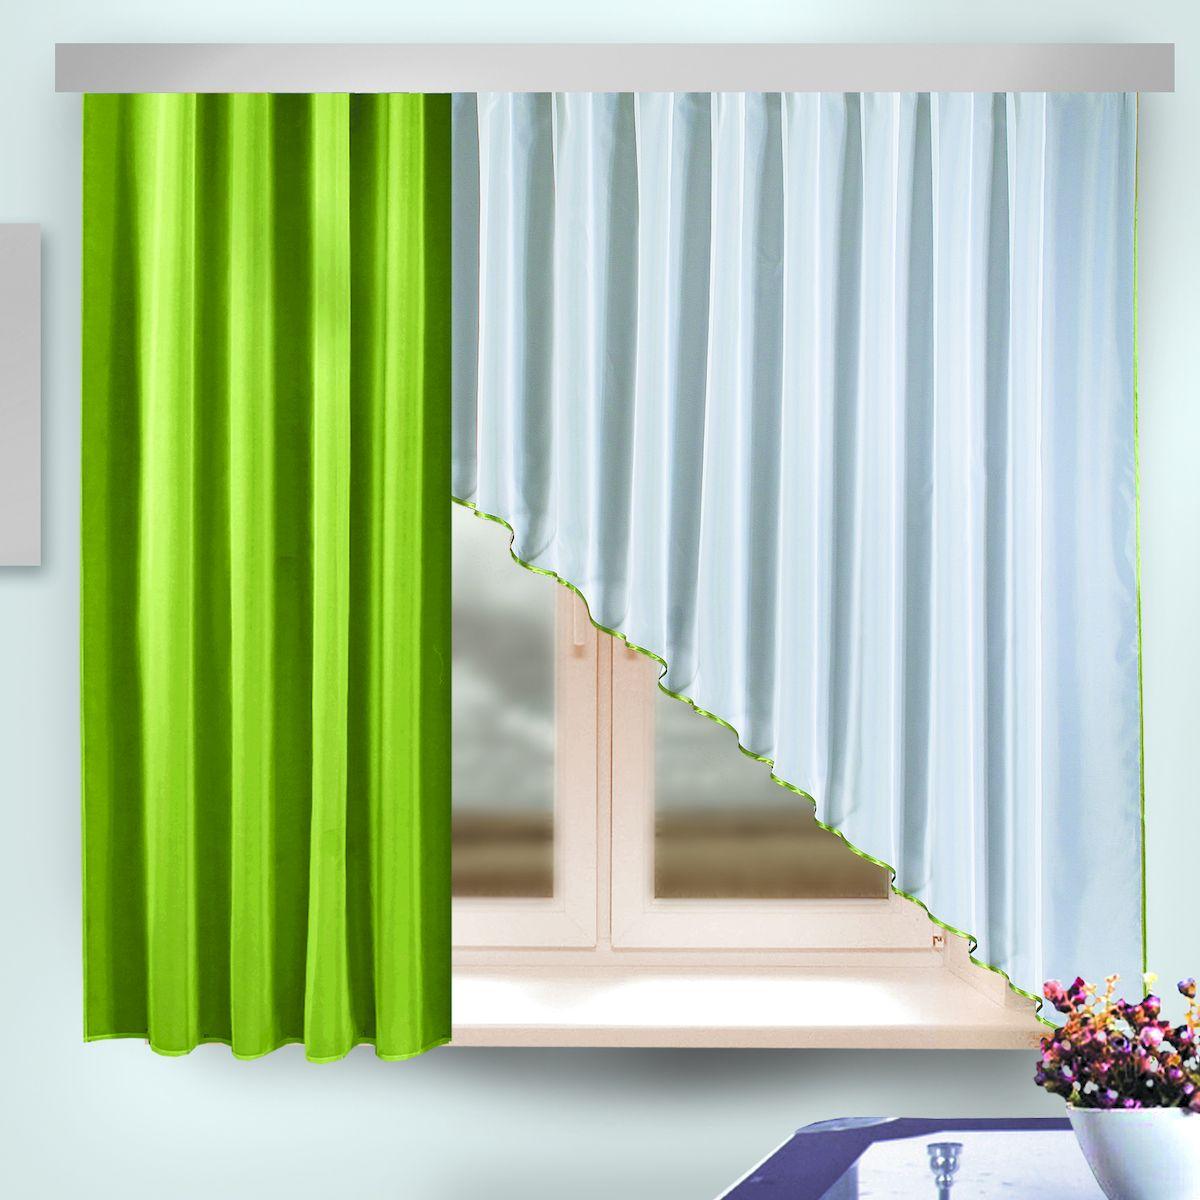 Комплект штор Zlata Korunka, на ленте, цвет: зеленый, белый, высота 170 см. 3333141004900000360Комплект штор Zlata Korunka, выполненный из полиэстера, великолепно украсит любое окно. Комплект состоит из шторы и ламбрекена. Изящная форма и приятная цветовая гамма привлекут к себе внимание и органично впишутся в интерьер помещения. Этот комплект будет долгое время радовать вас и вашу семью!Комплект крепится на карниз при помощи ленты, которая поможет красиво и равномерно задрапировать верх.В комплект входит: Ламбрекен: 1 шт. Размер (Ш х В): 95 см х 170 см. Штора: 1 шт. Размер (Ш х В): 290 см х 170 см.